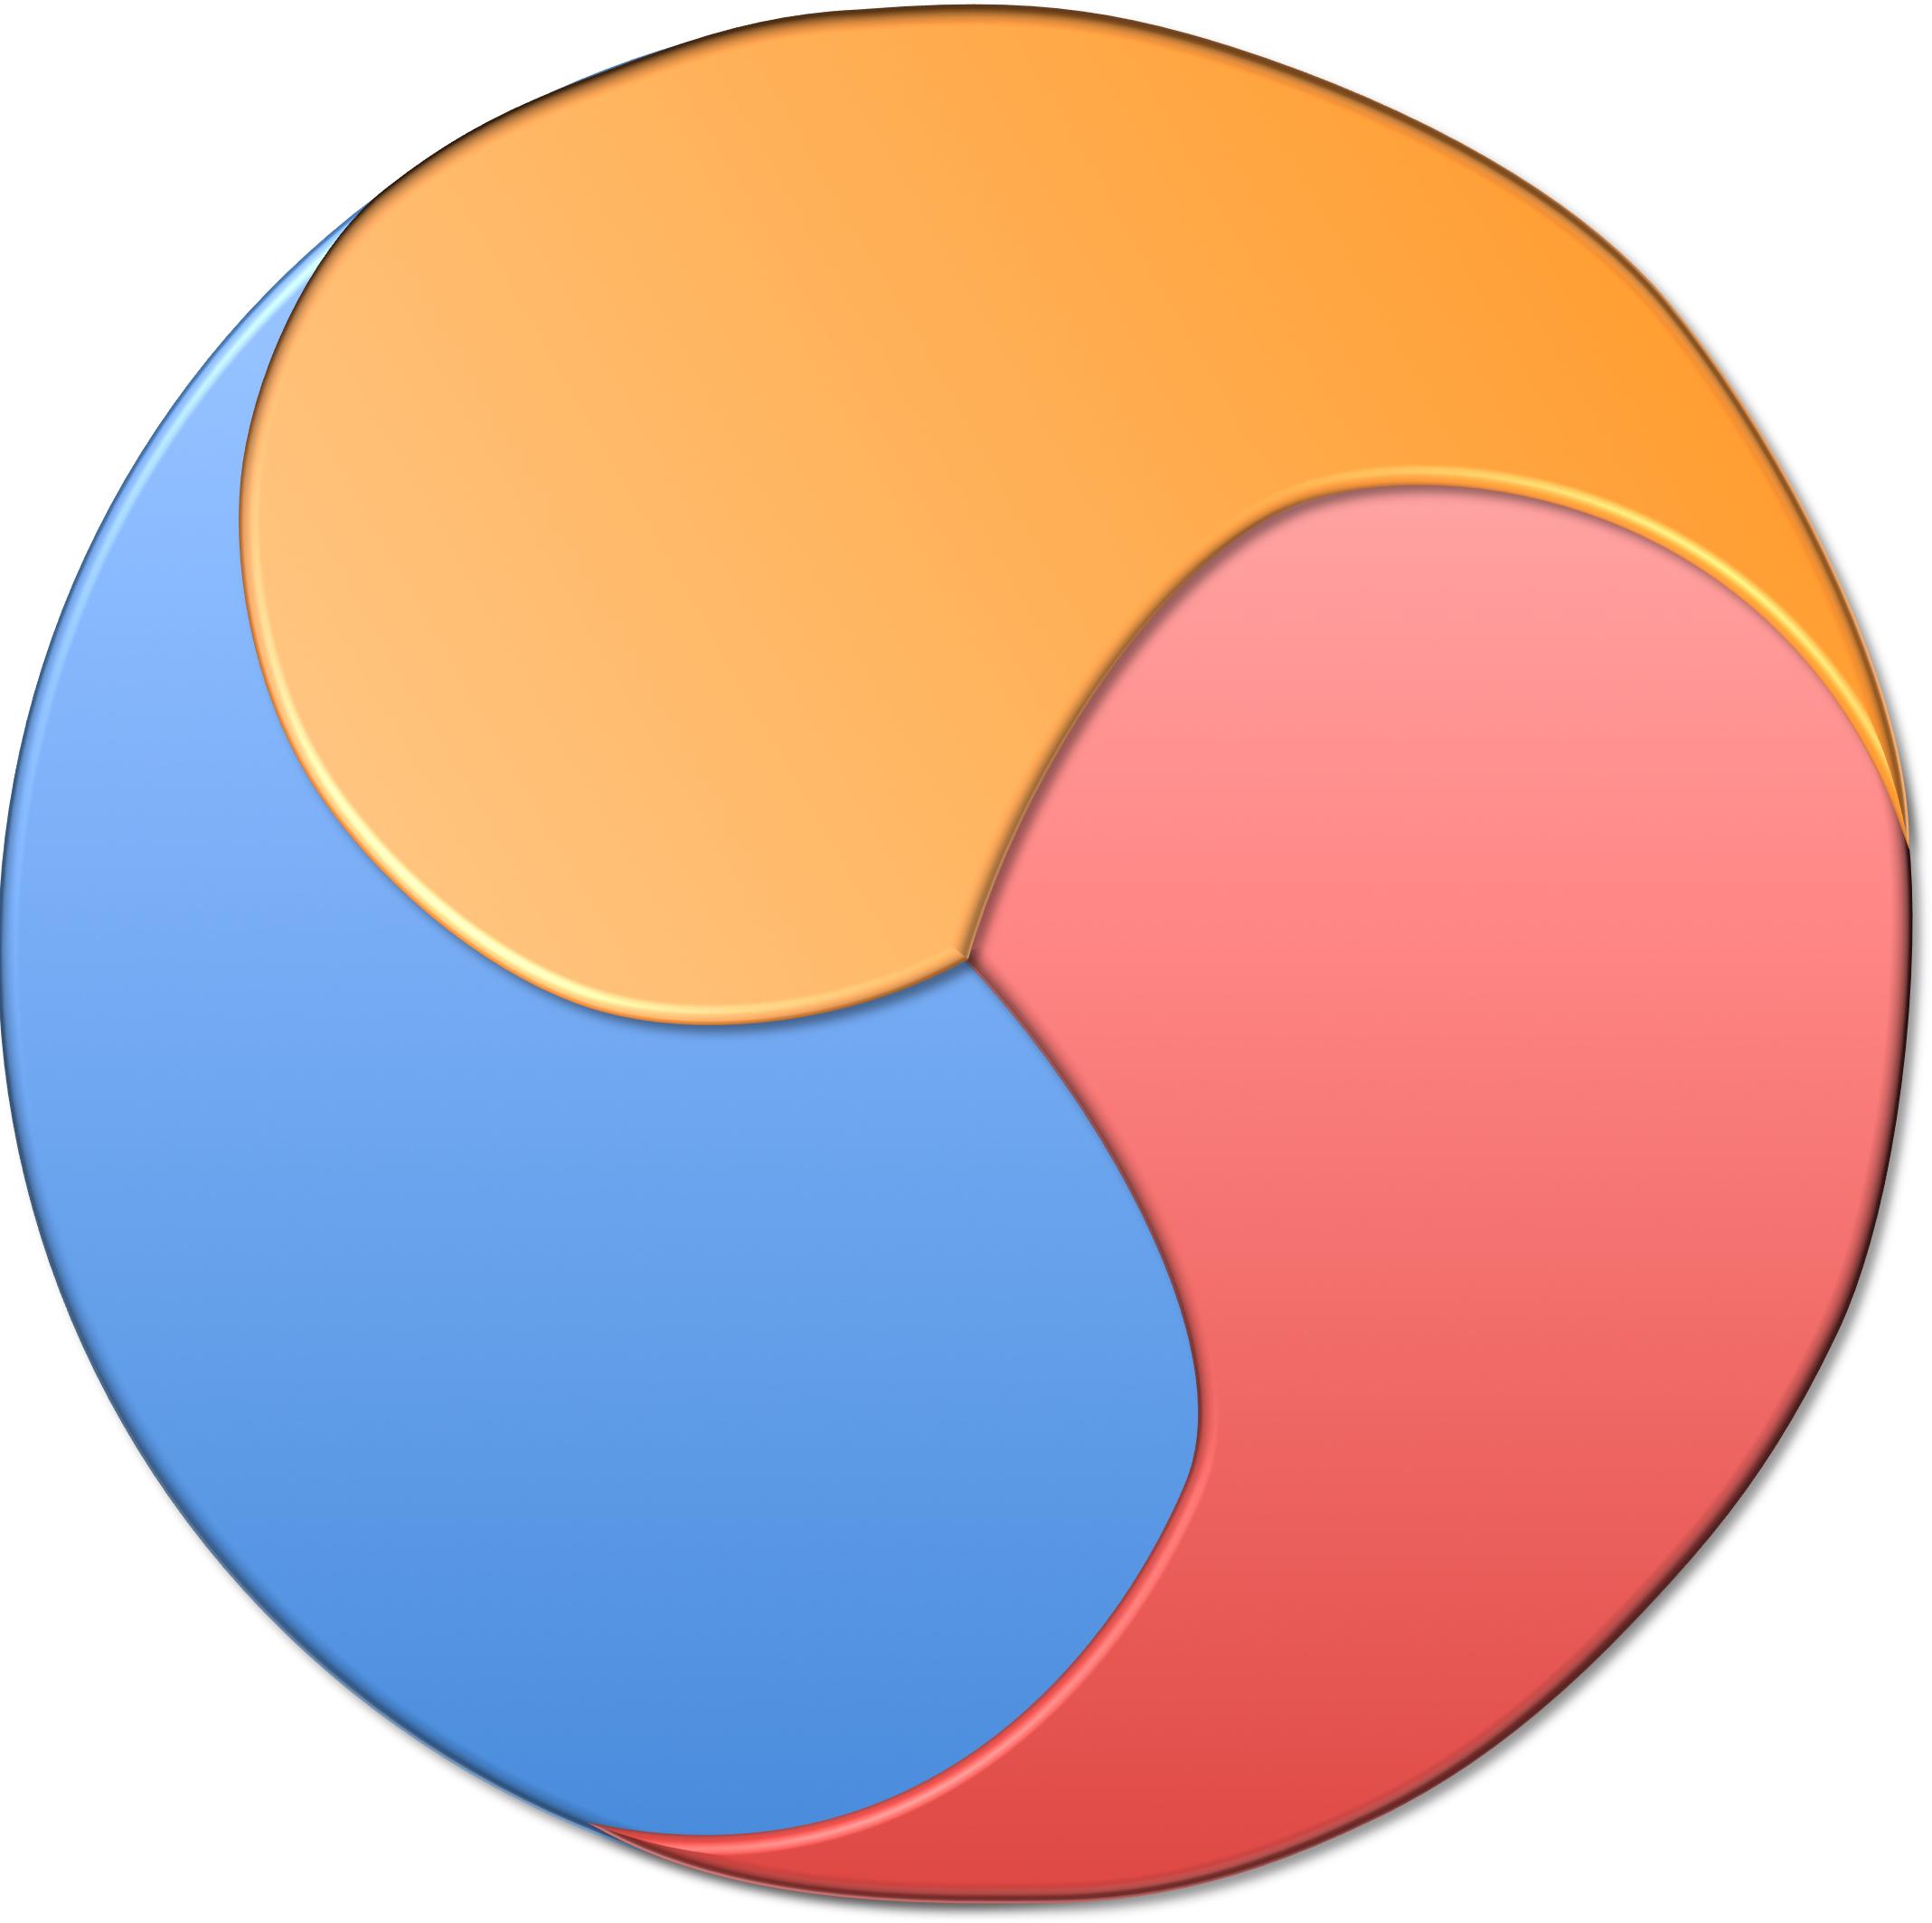 Taekwondo Symbolism Taekwondo Wiki Fandom Powered By Wikia